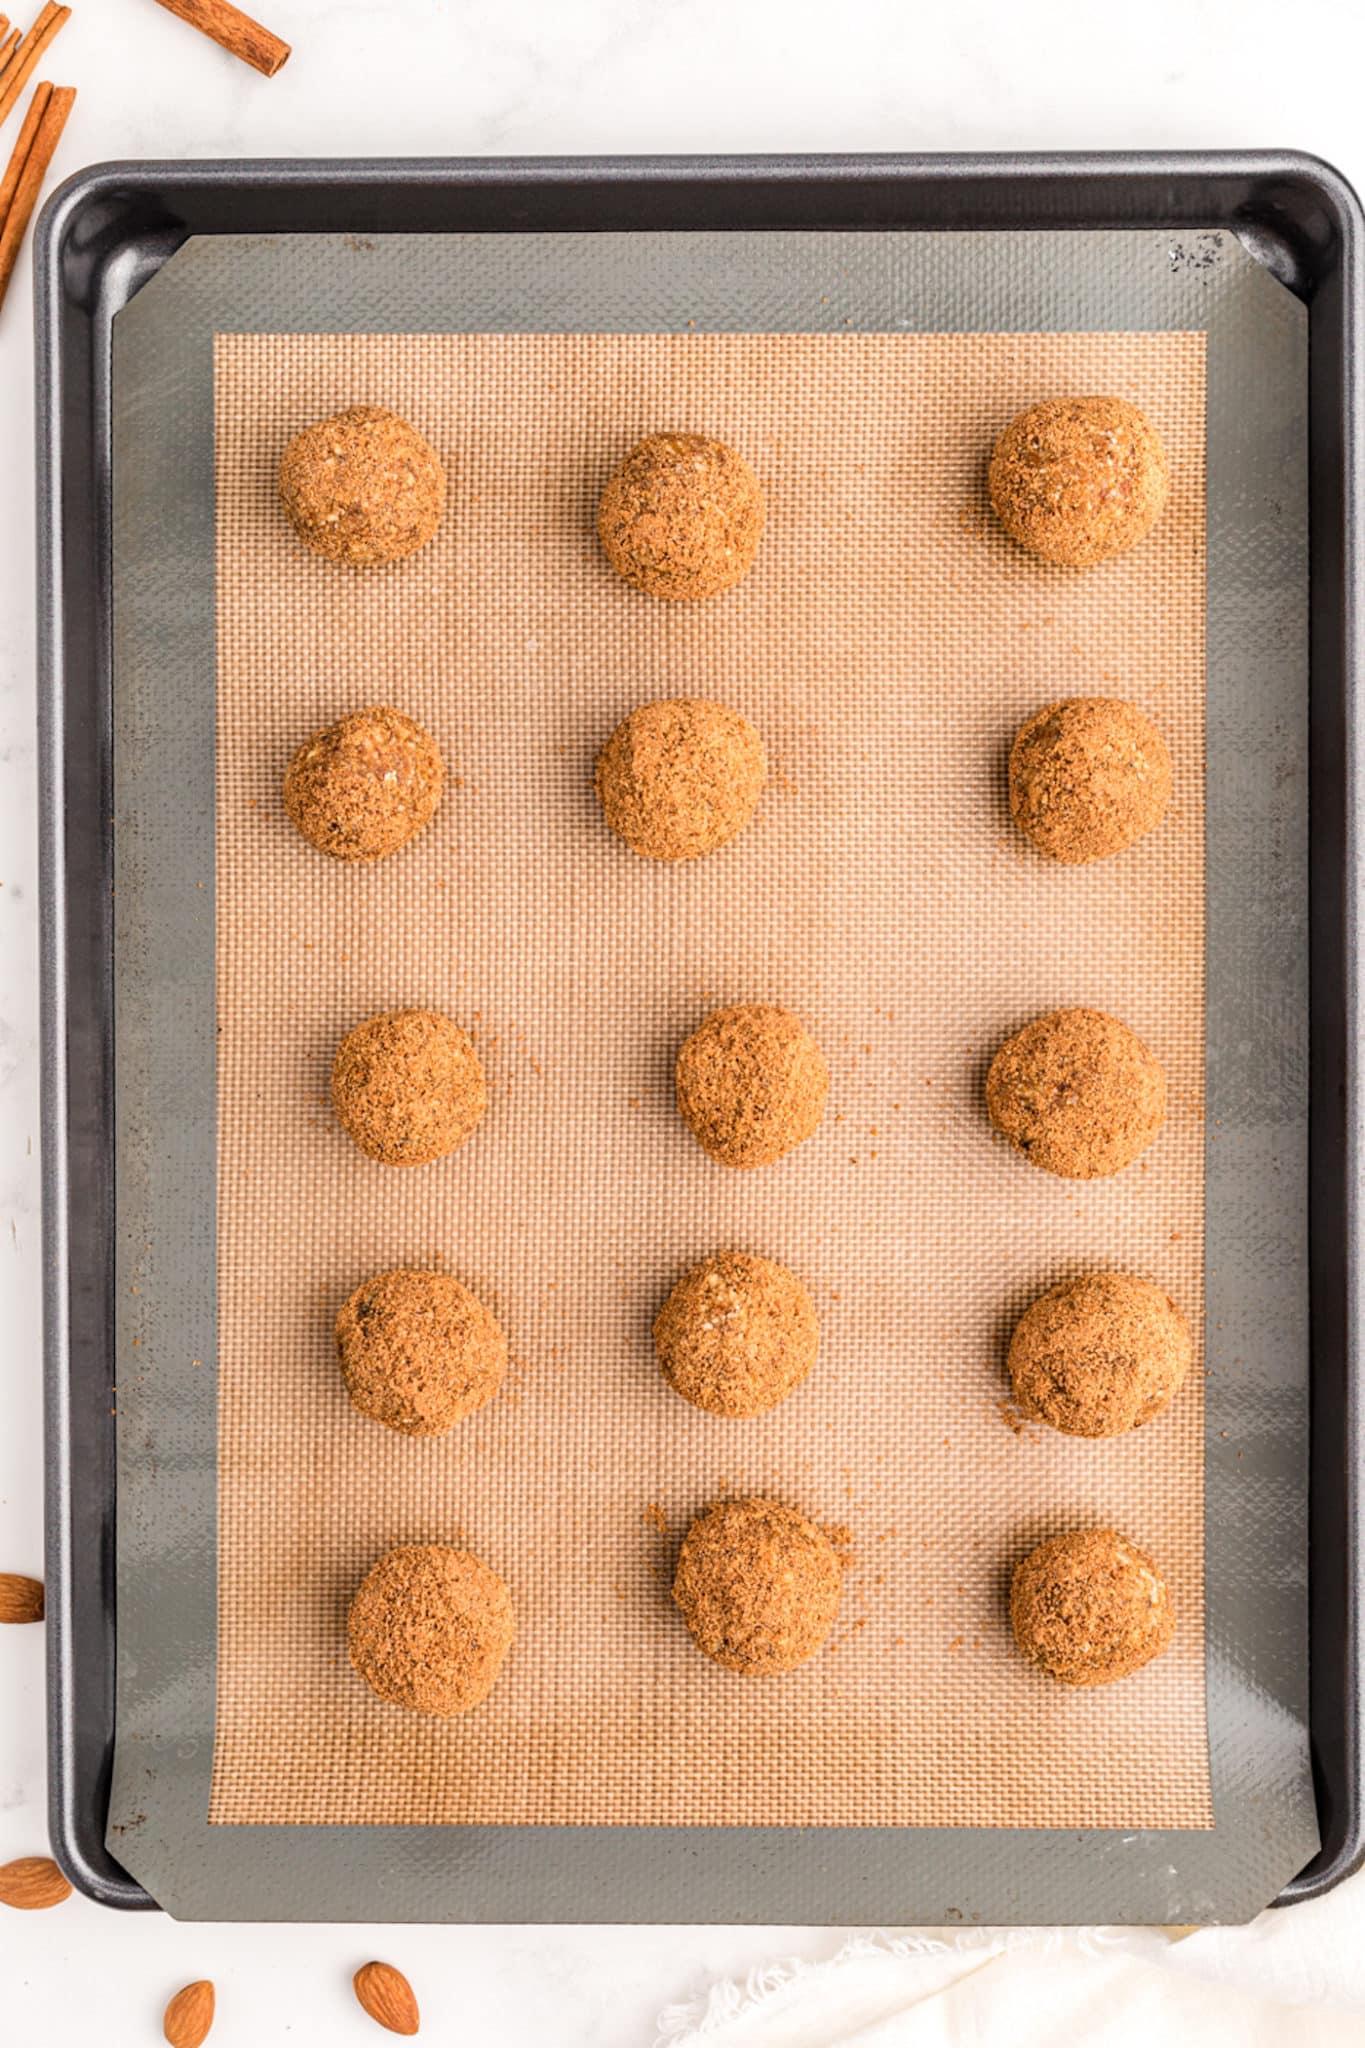 pumpkin no bake cookies on a baking sheet